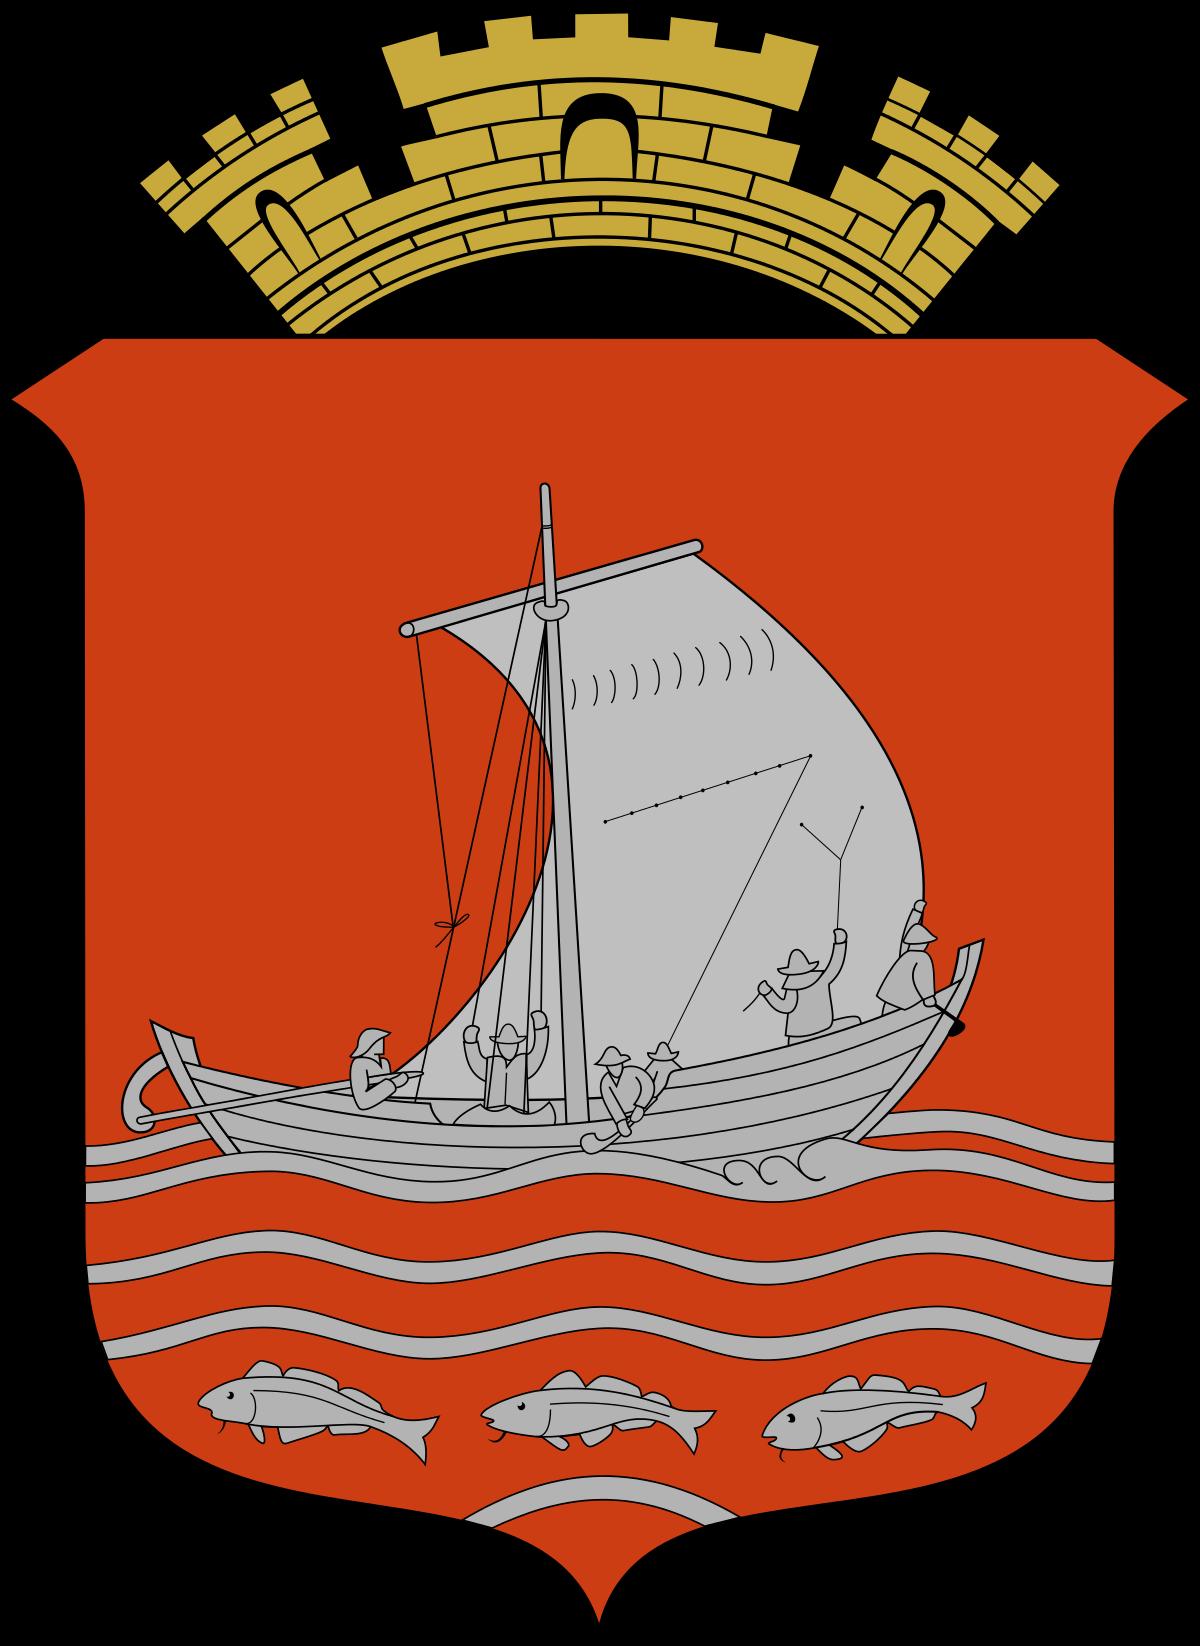 Coat of arms of Ålesund.